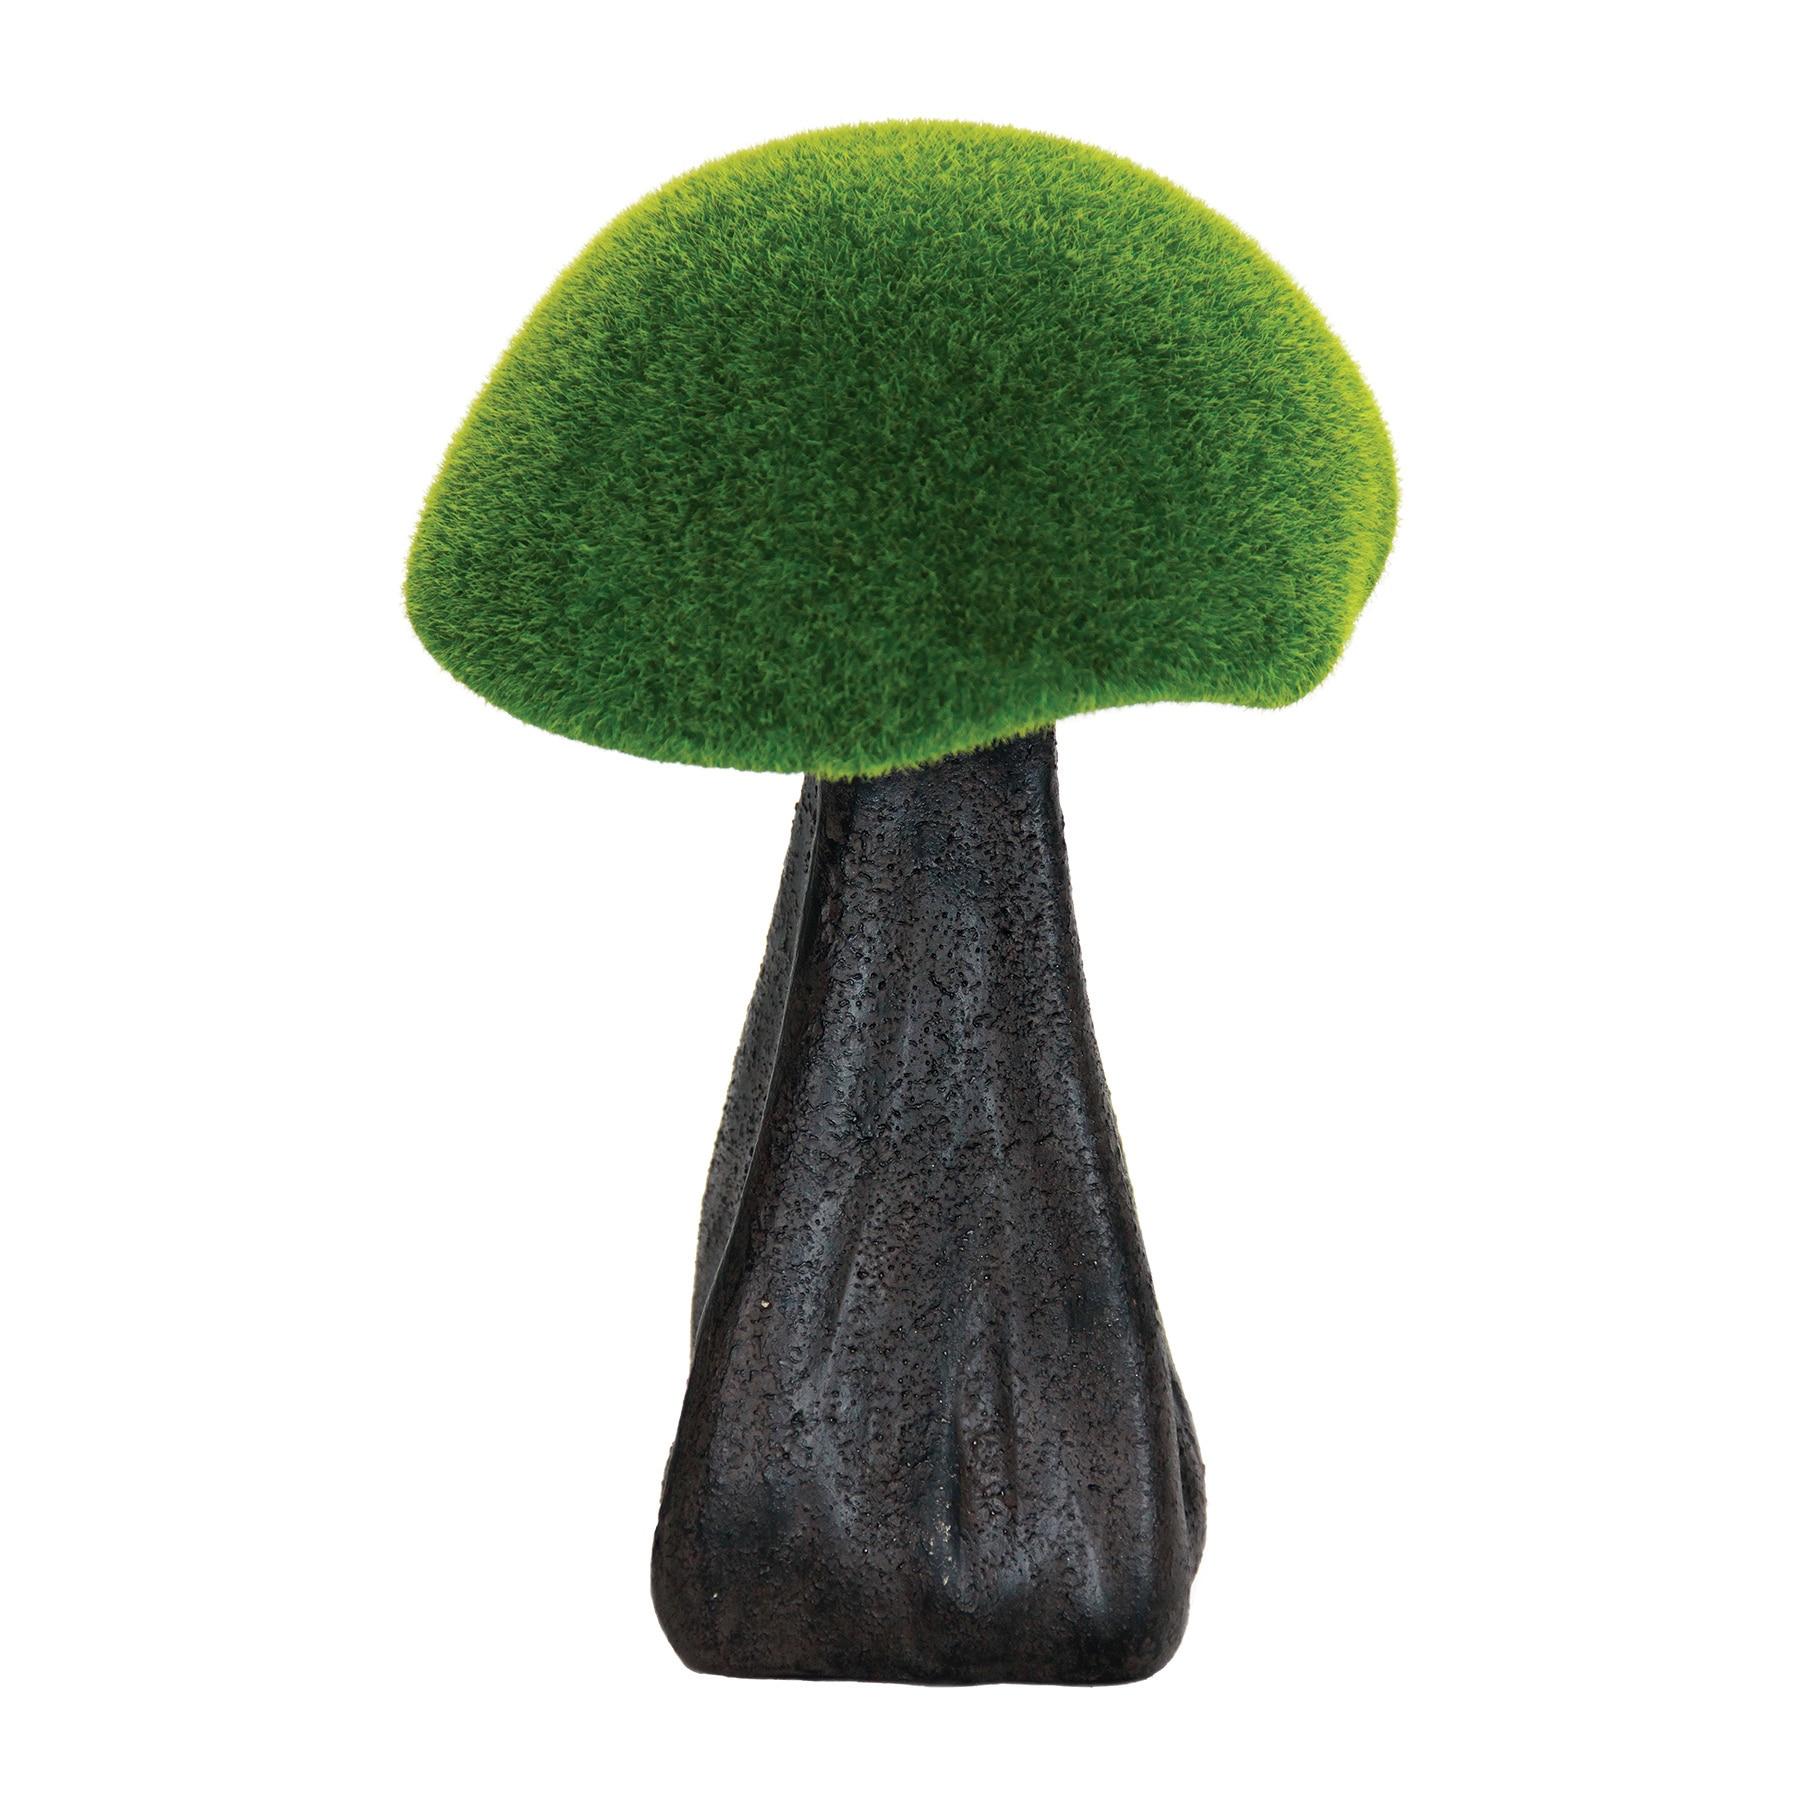 Exhart 10-inch Moss-coated Mushroom Garden Statue (Green)...